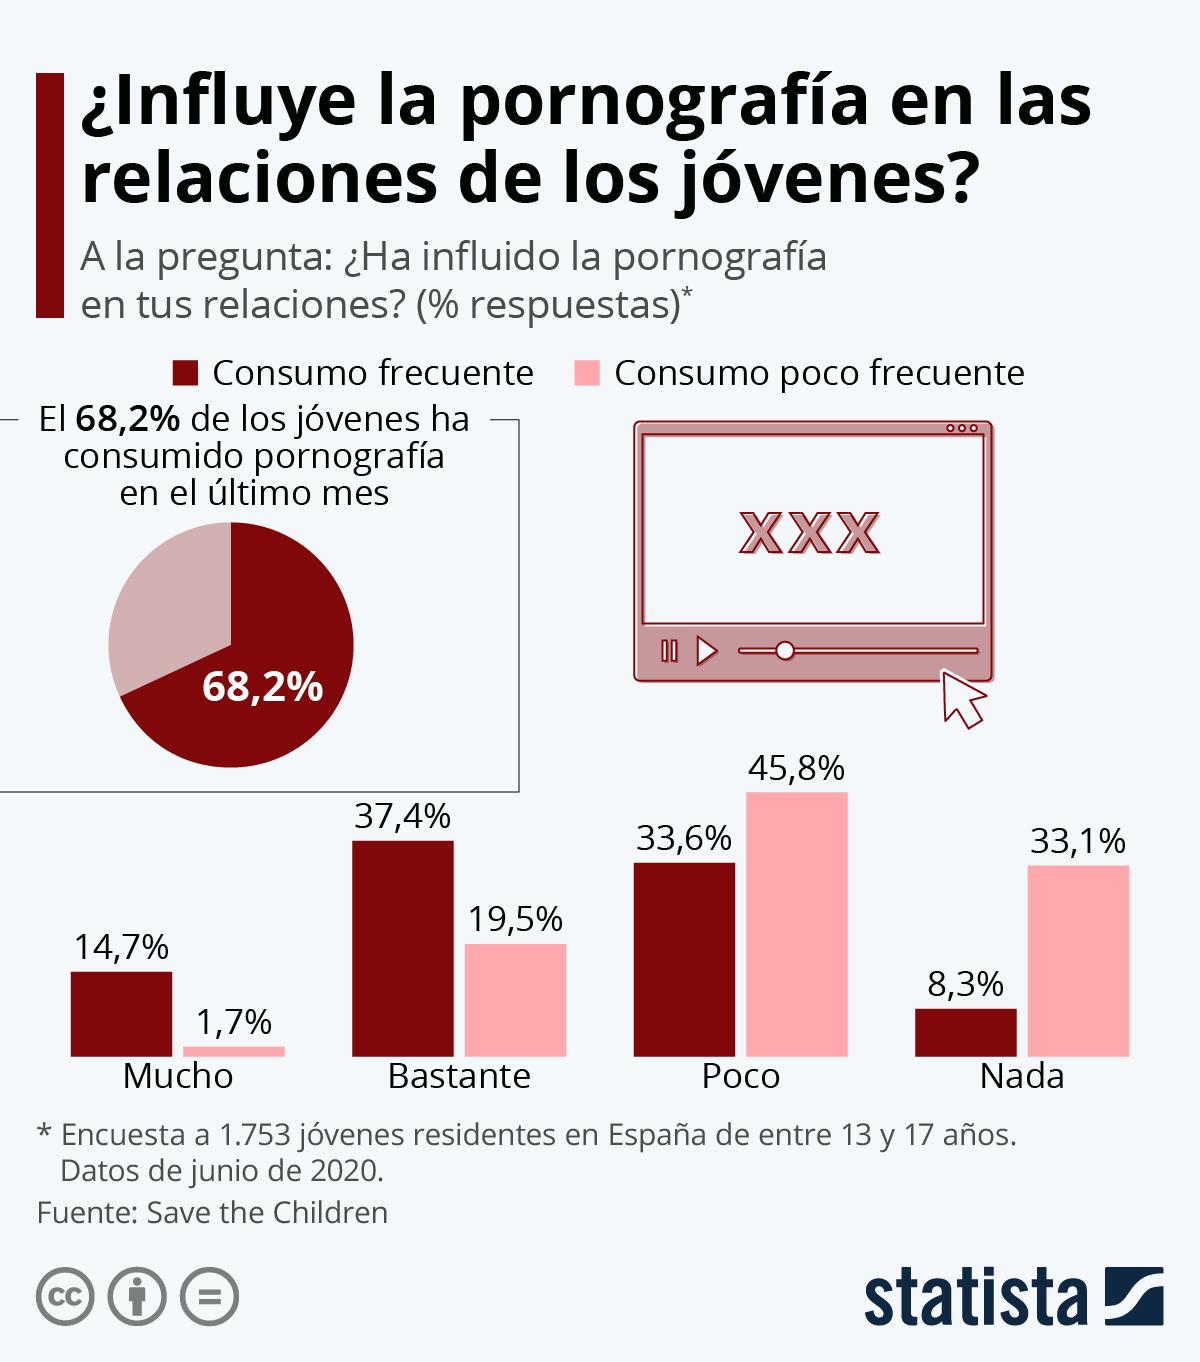 Infografía: ¿Cómo afecta la pornografía en las relaciones de los adolescentes españoles? | Statista